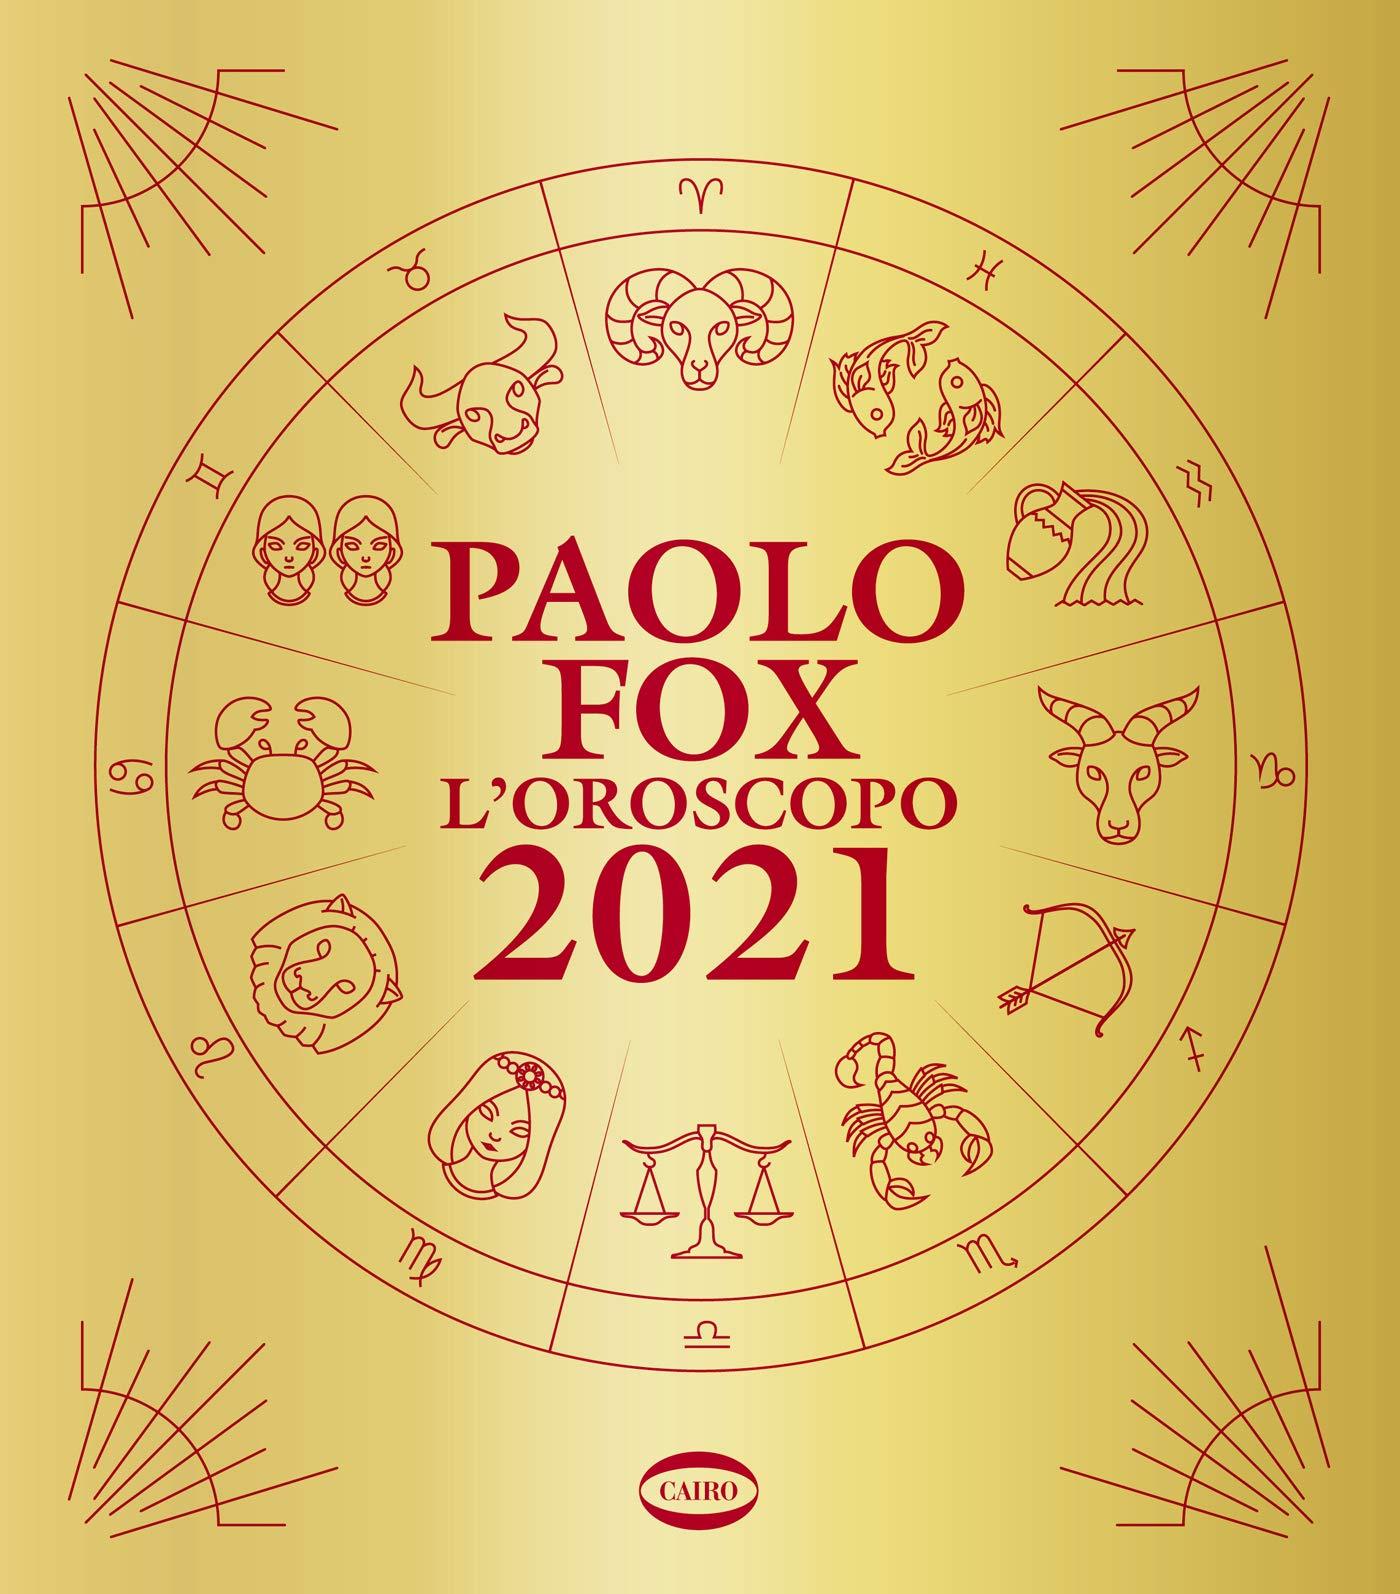 L'Oroscopo 2021 Paolo Fox